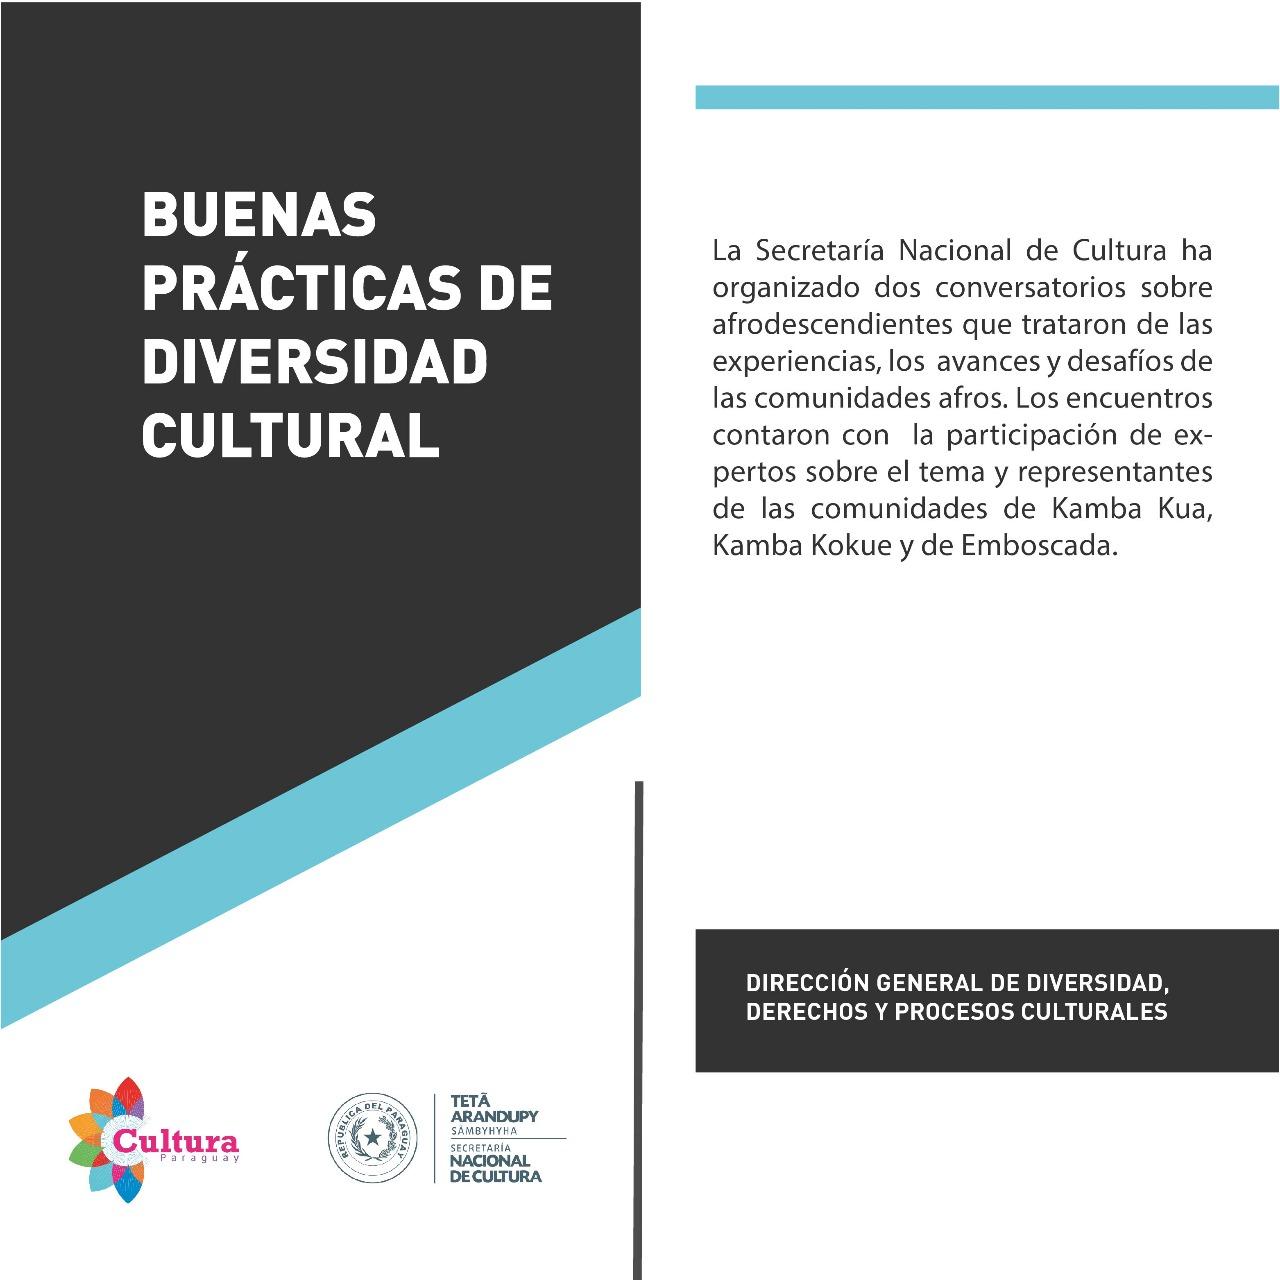 Buenas prácticas de Diversidad Cultural imagen